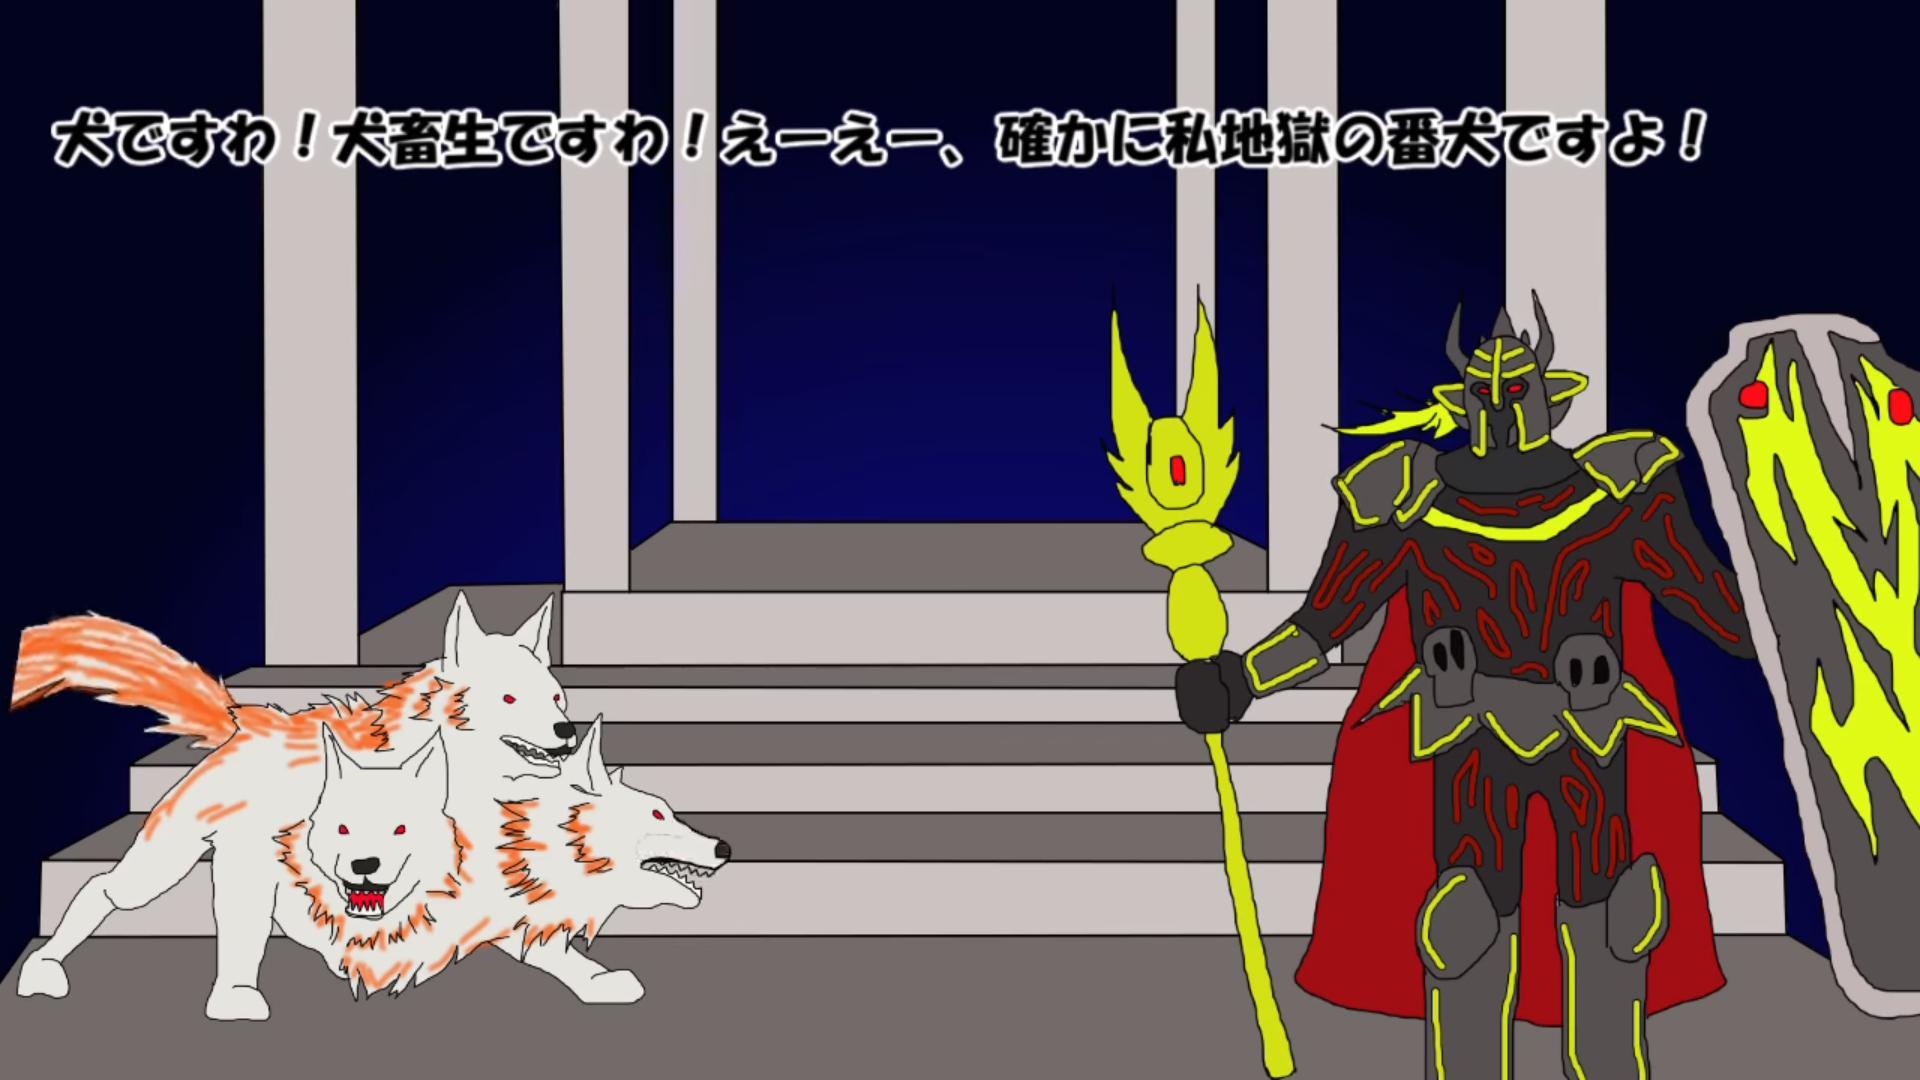 ケルべロス(犬畜生)とハーデス(お父さん)の小話